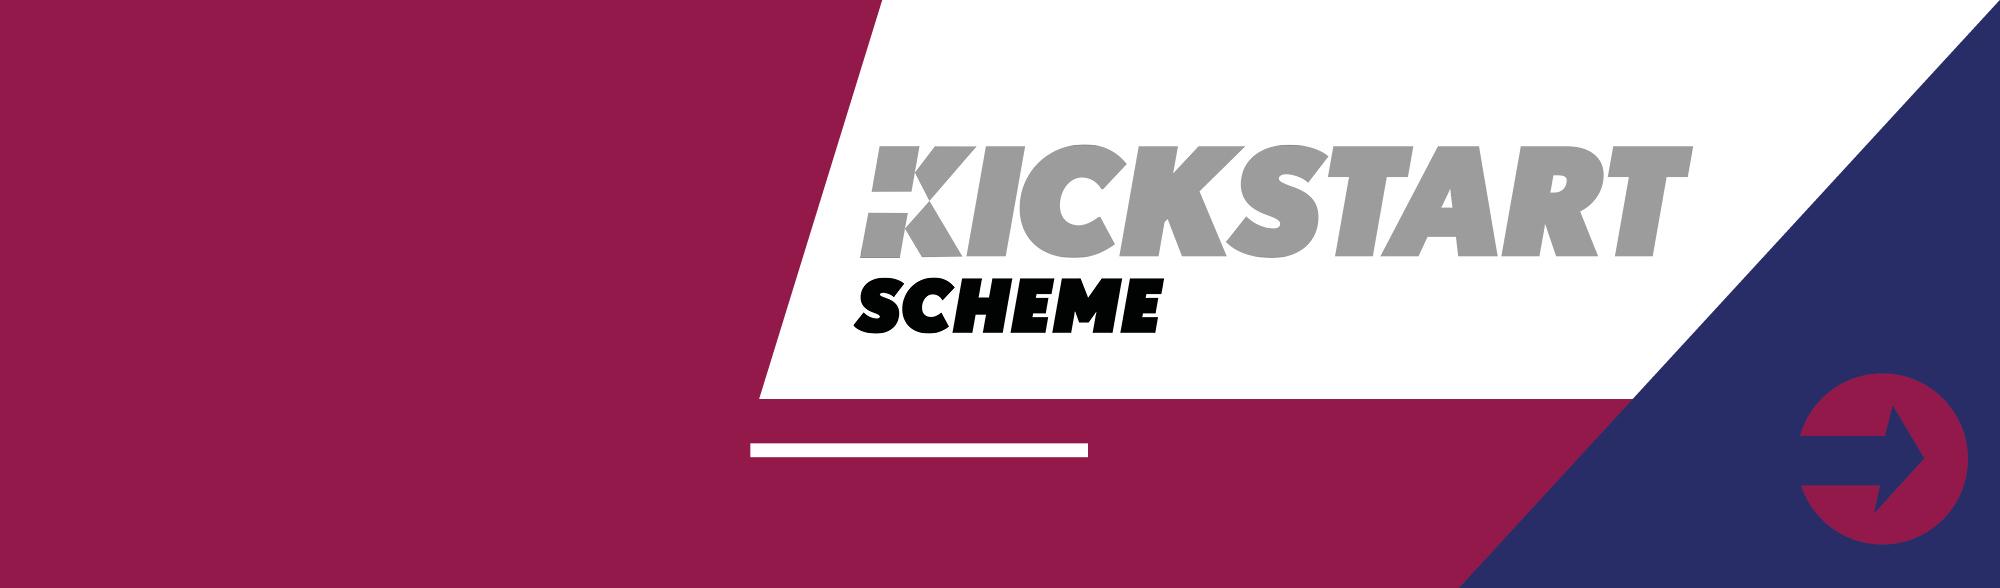 Kickstart scheme banner